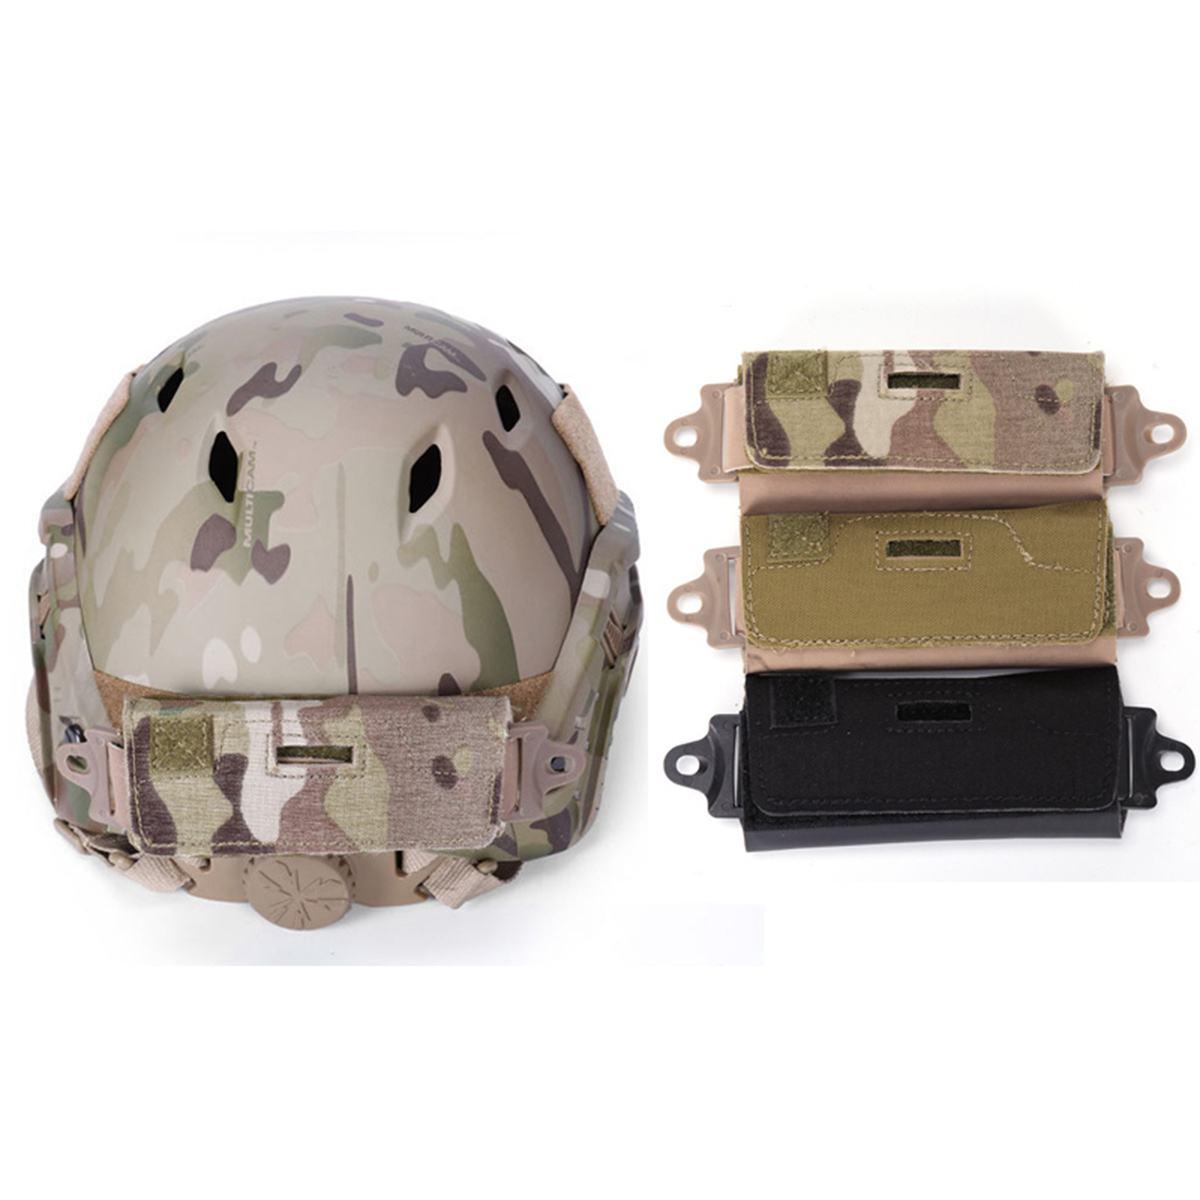 Tactical Pouch Balancing Tasche Gegengewicht Tasche Taktische Kampf Helm Jagd Zubehör SCHNELLE Hinten Multicam Beutel 5 Gewichte kit